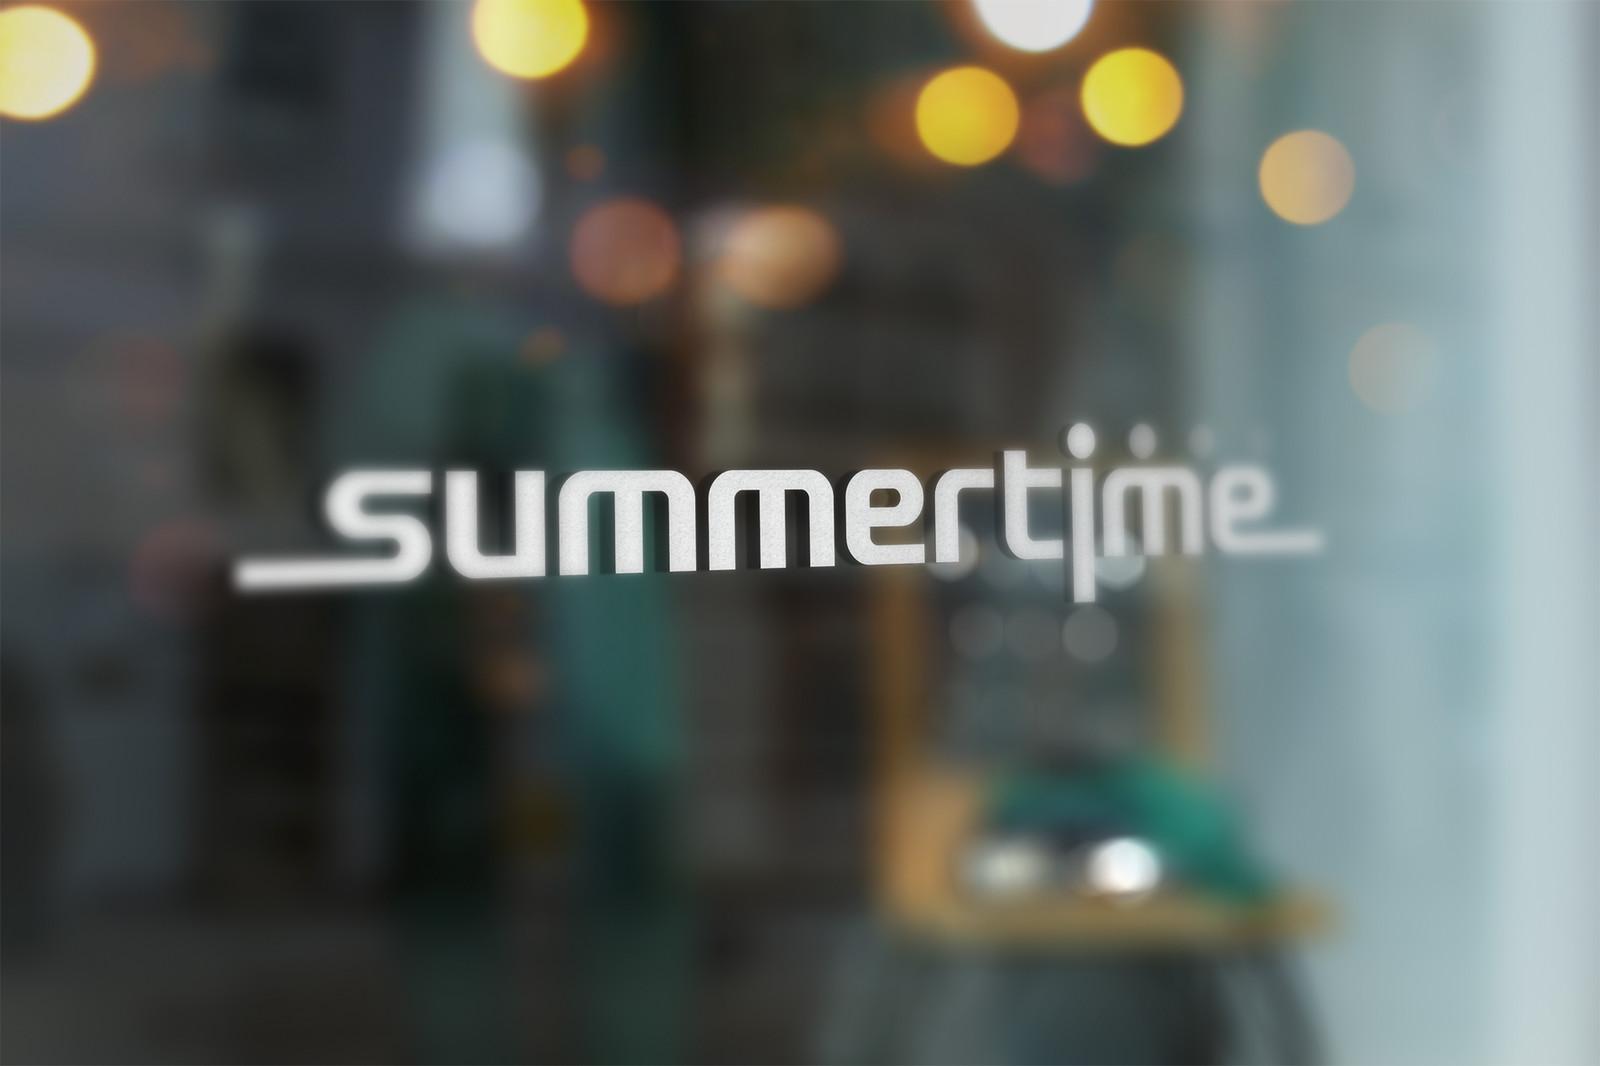 Summertime Logo